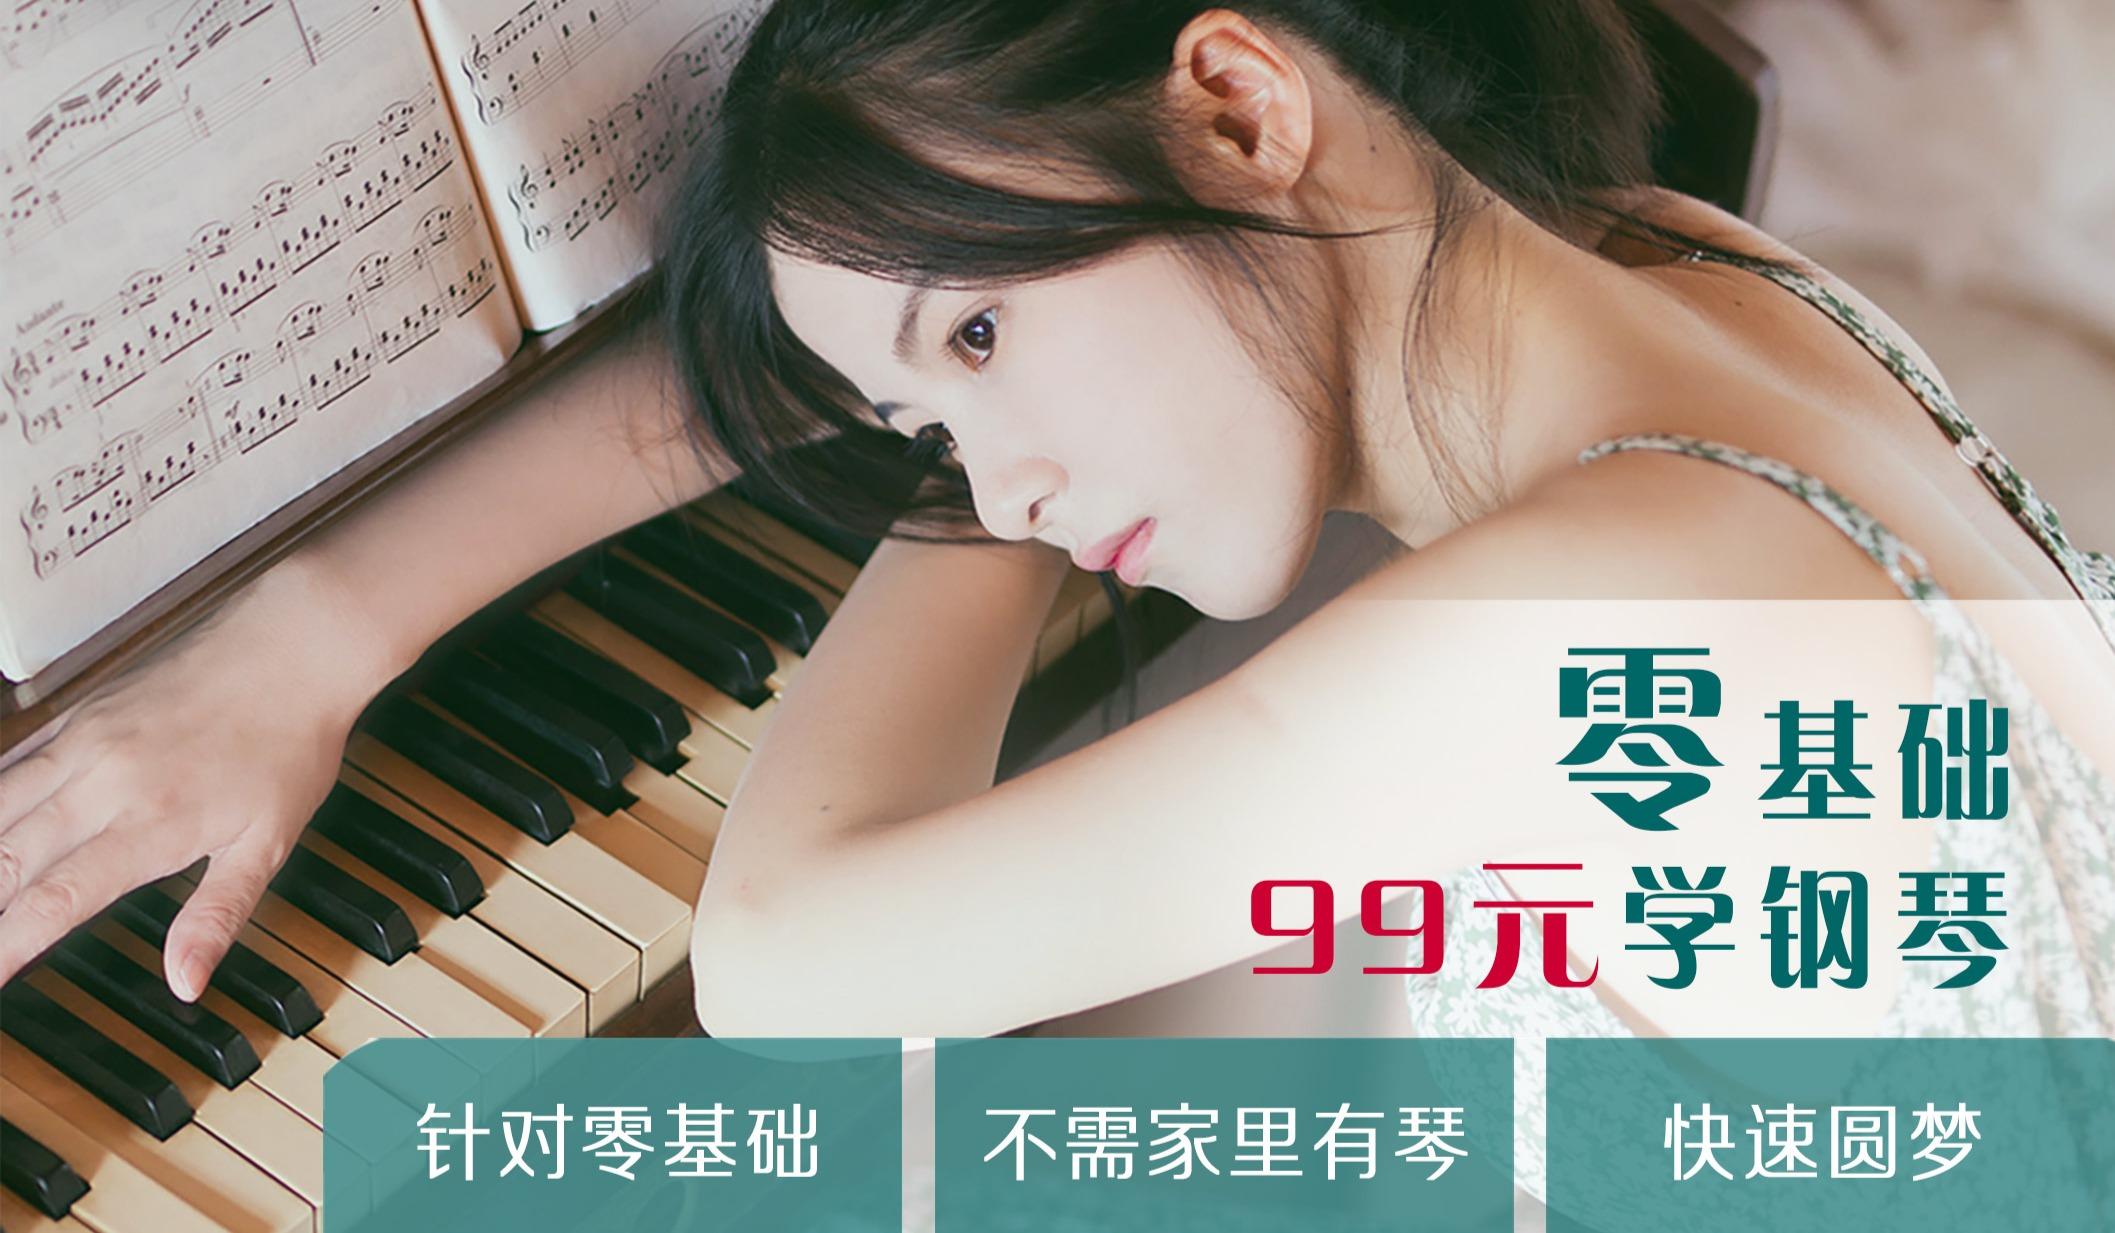 仅售99元,价值1650元成人钢琴6节课套餐+曲目3首